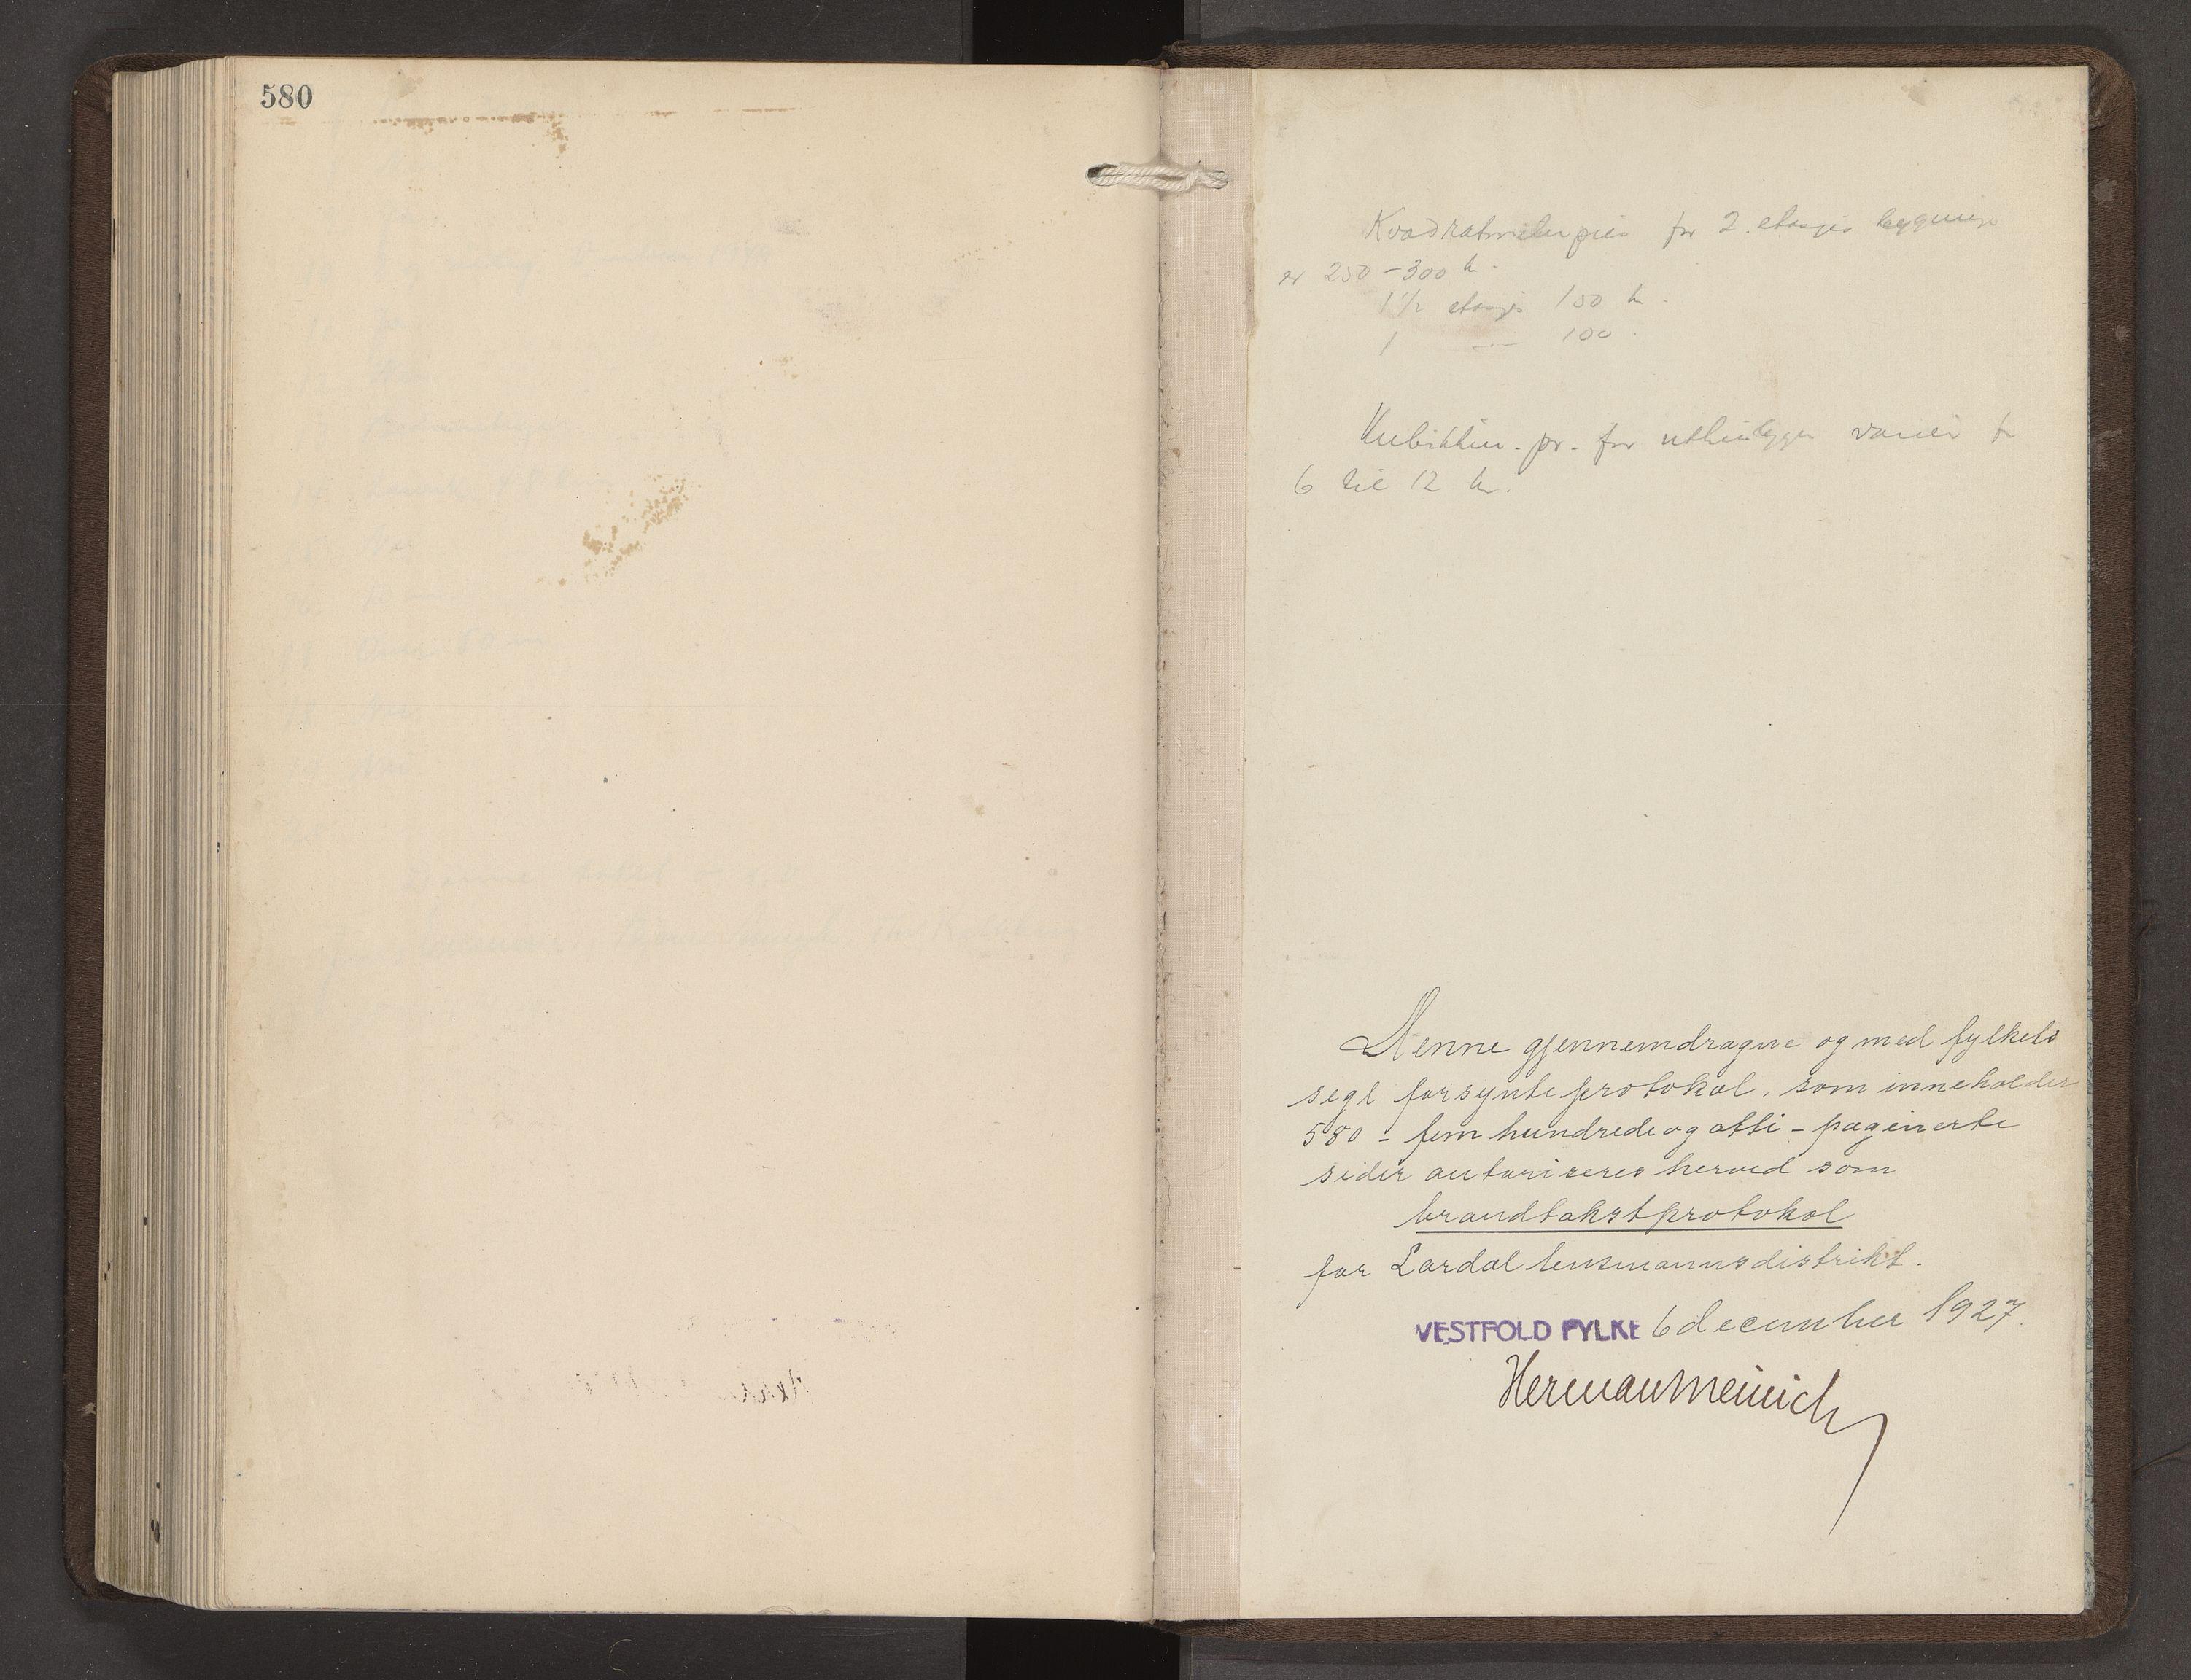 SAKO, Lardal lensmannskontor, Y/Yb/Yba/L0002: Branntakstprotokoll, 1927-1949, s. 580